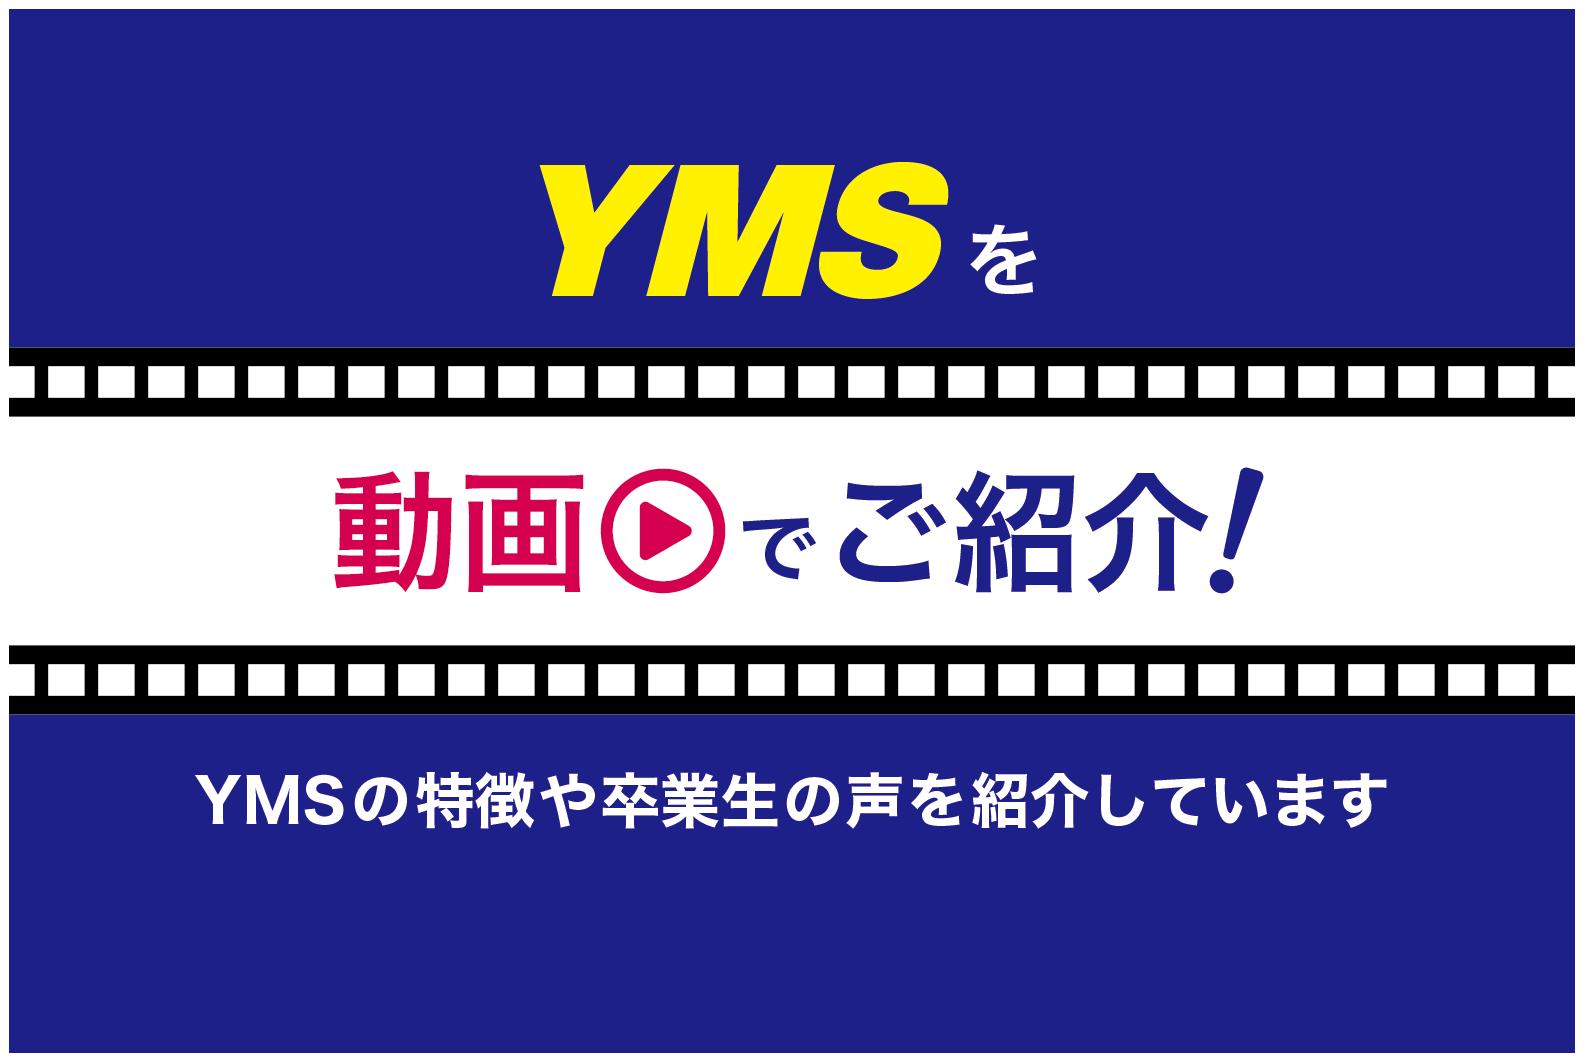 YMS入学案内動画